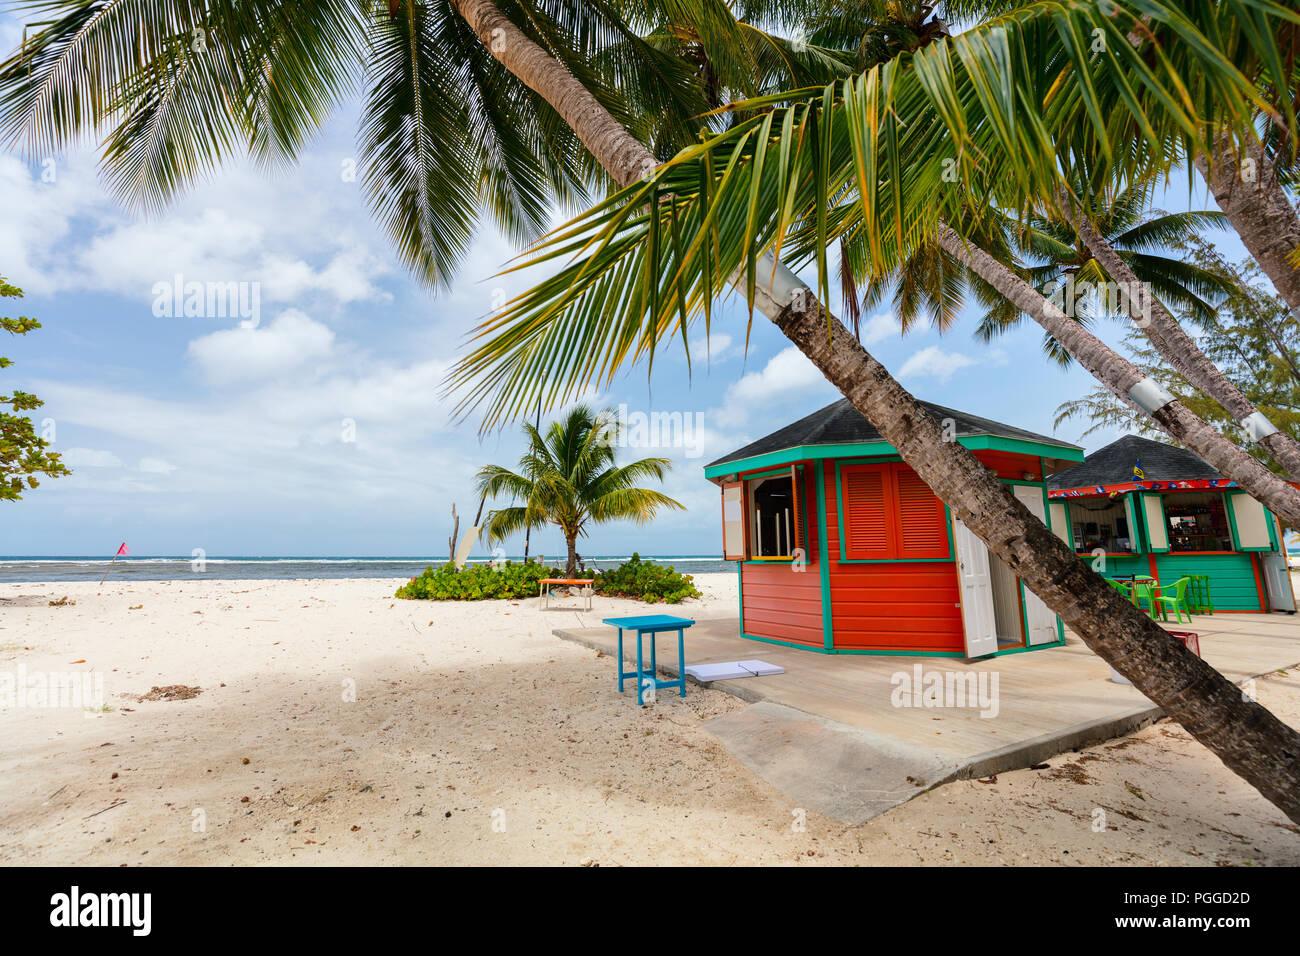 Idyllischen tropischen Strand mit weissem Sand, Palmen und türkisblaues Meer Wasser auf der Insel Barbados in der Karibik Stockbild